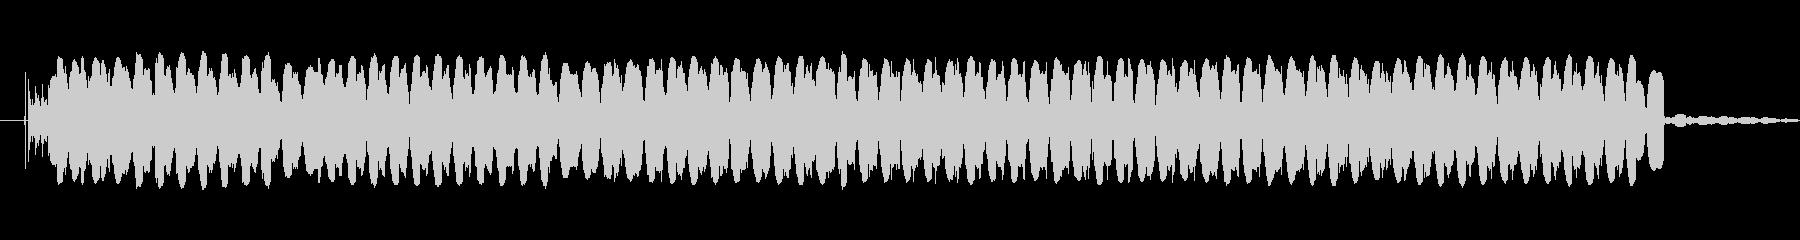 耳障りなブザー1の未再生の波形